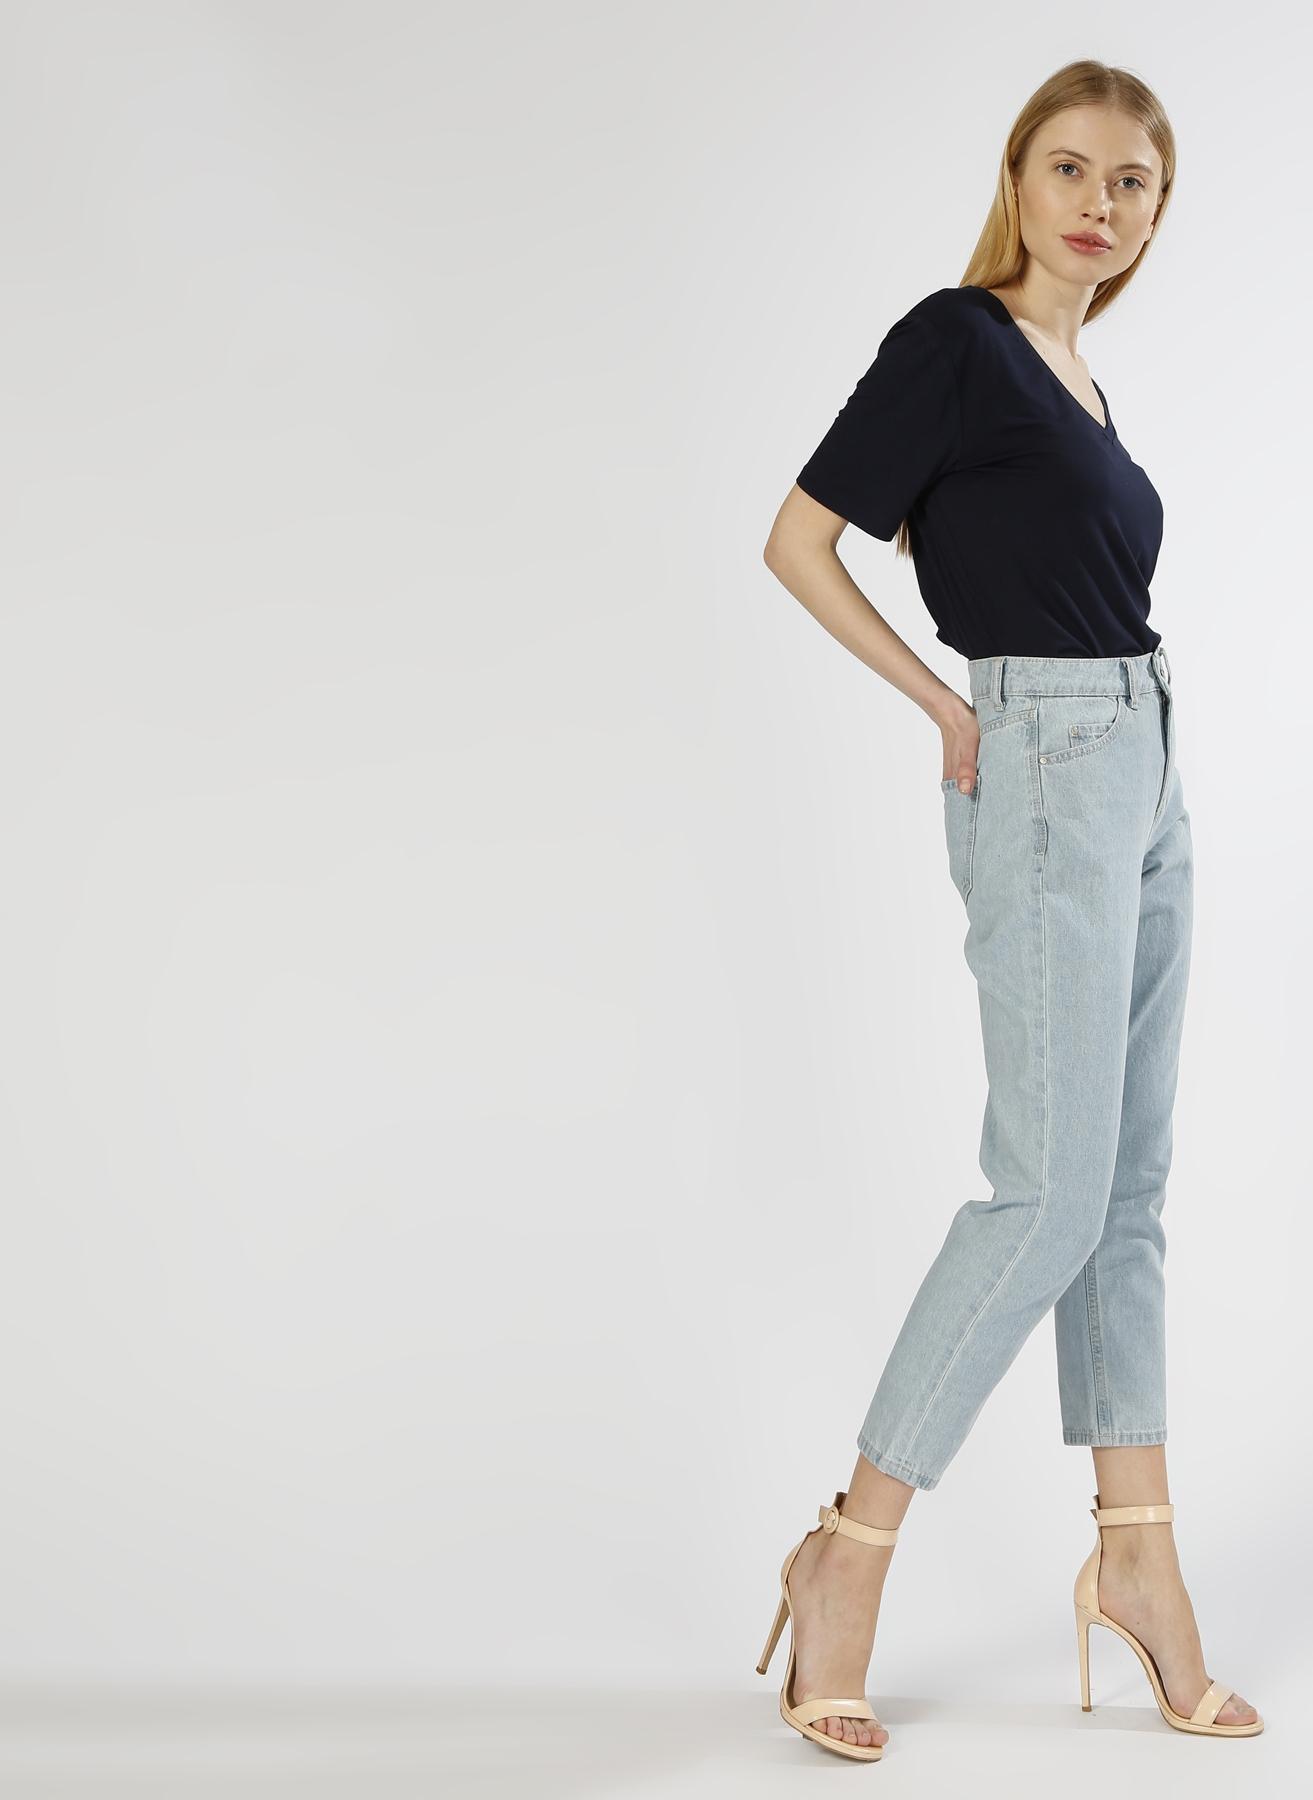 Vero Moda Boyfriend Açık Mavi Denim Pantolon 29-32 5000196118008 Ürün Resmi